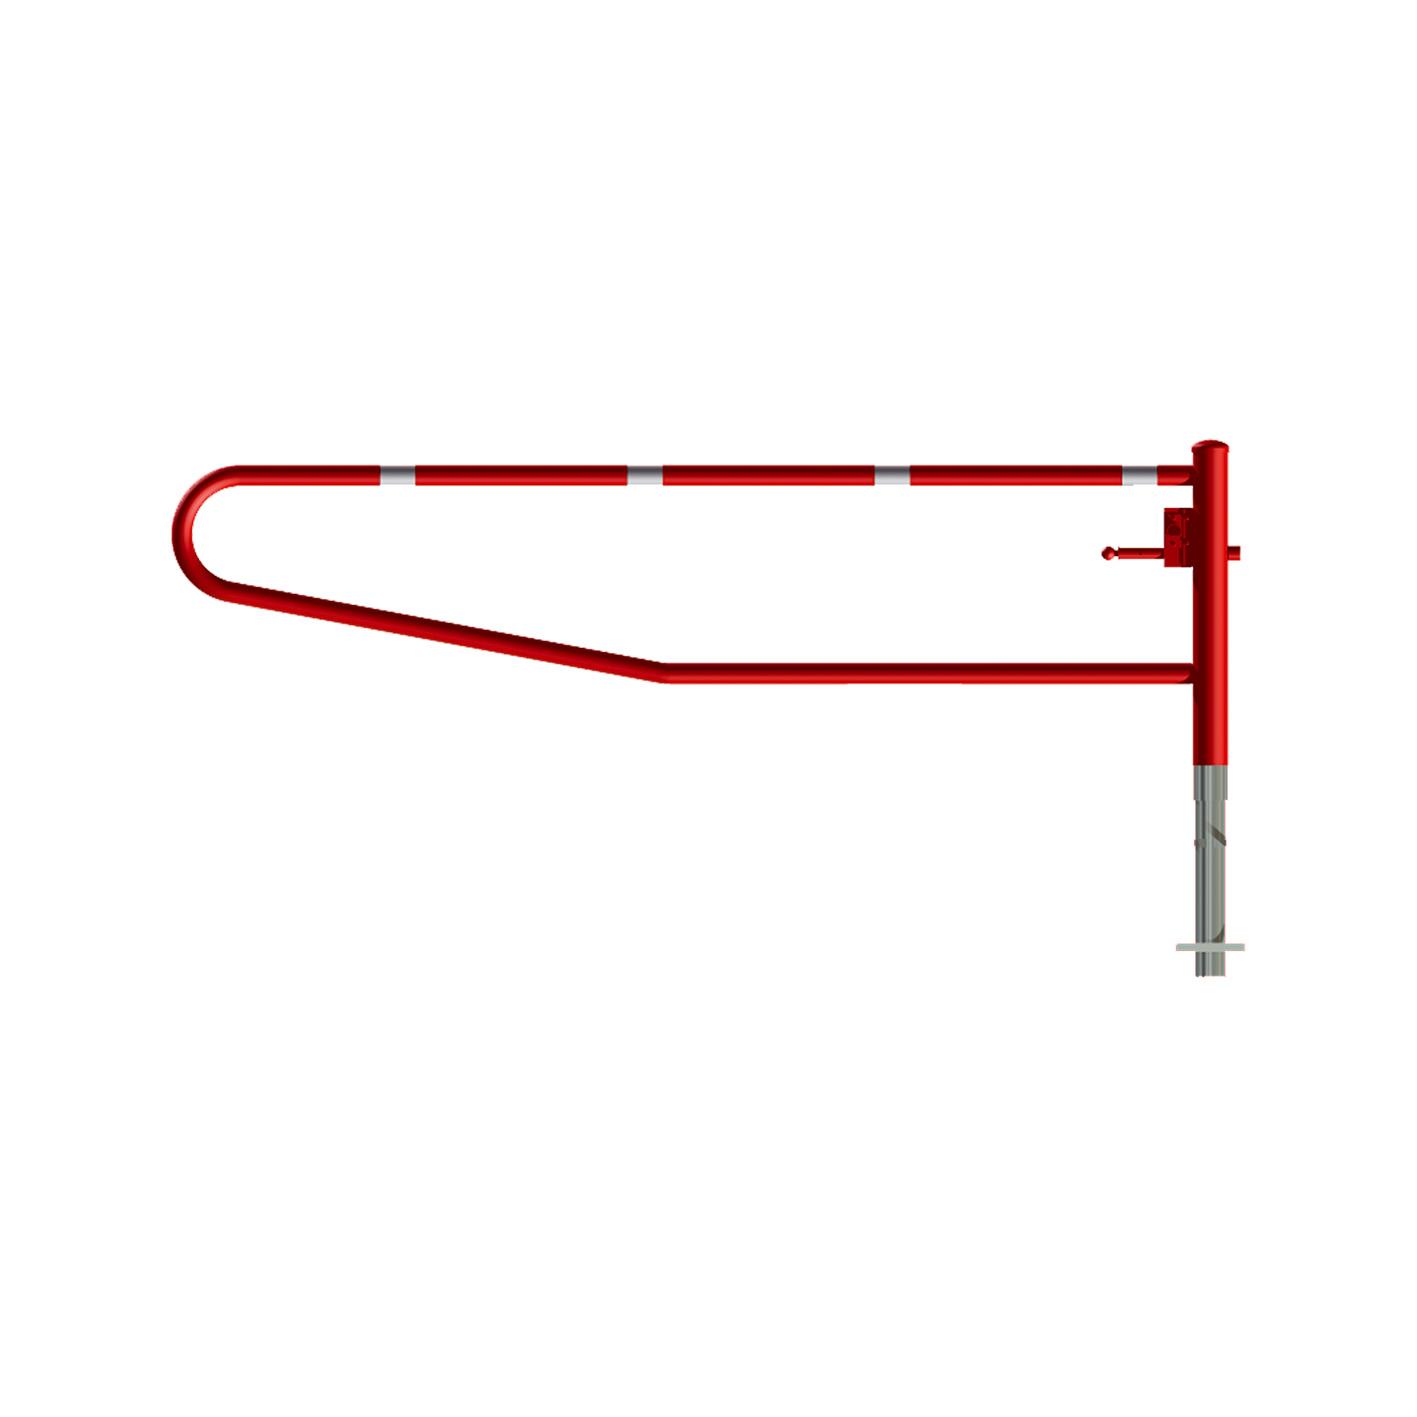 Gatterschranke drehbar | 1,5 bis 3,5 m x 950 mm